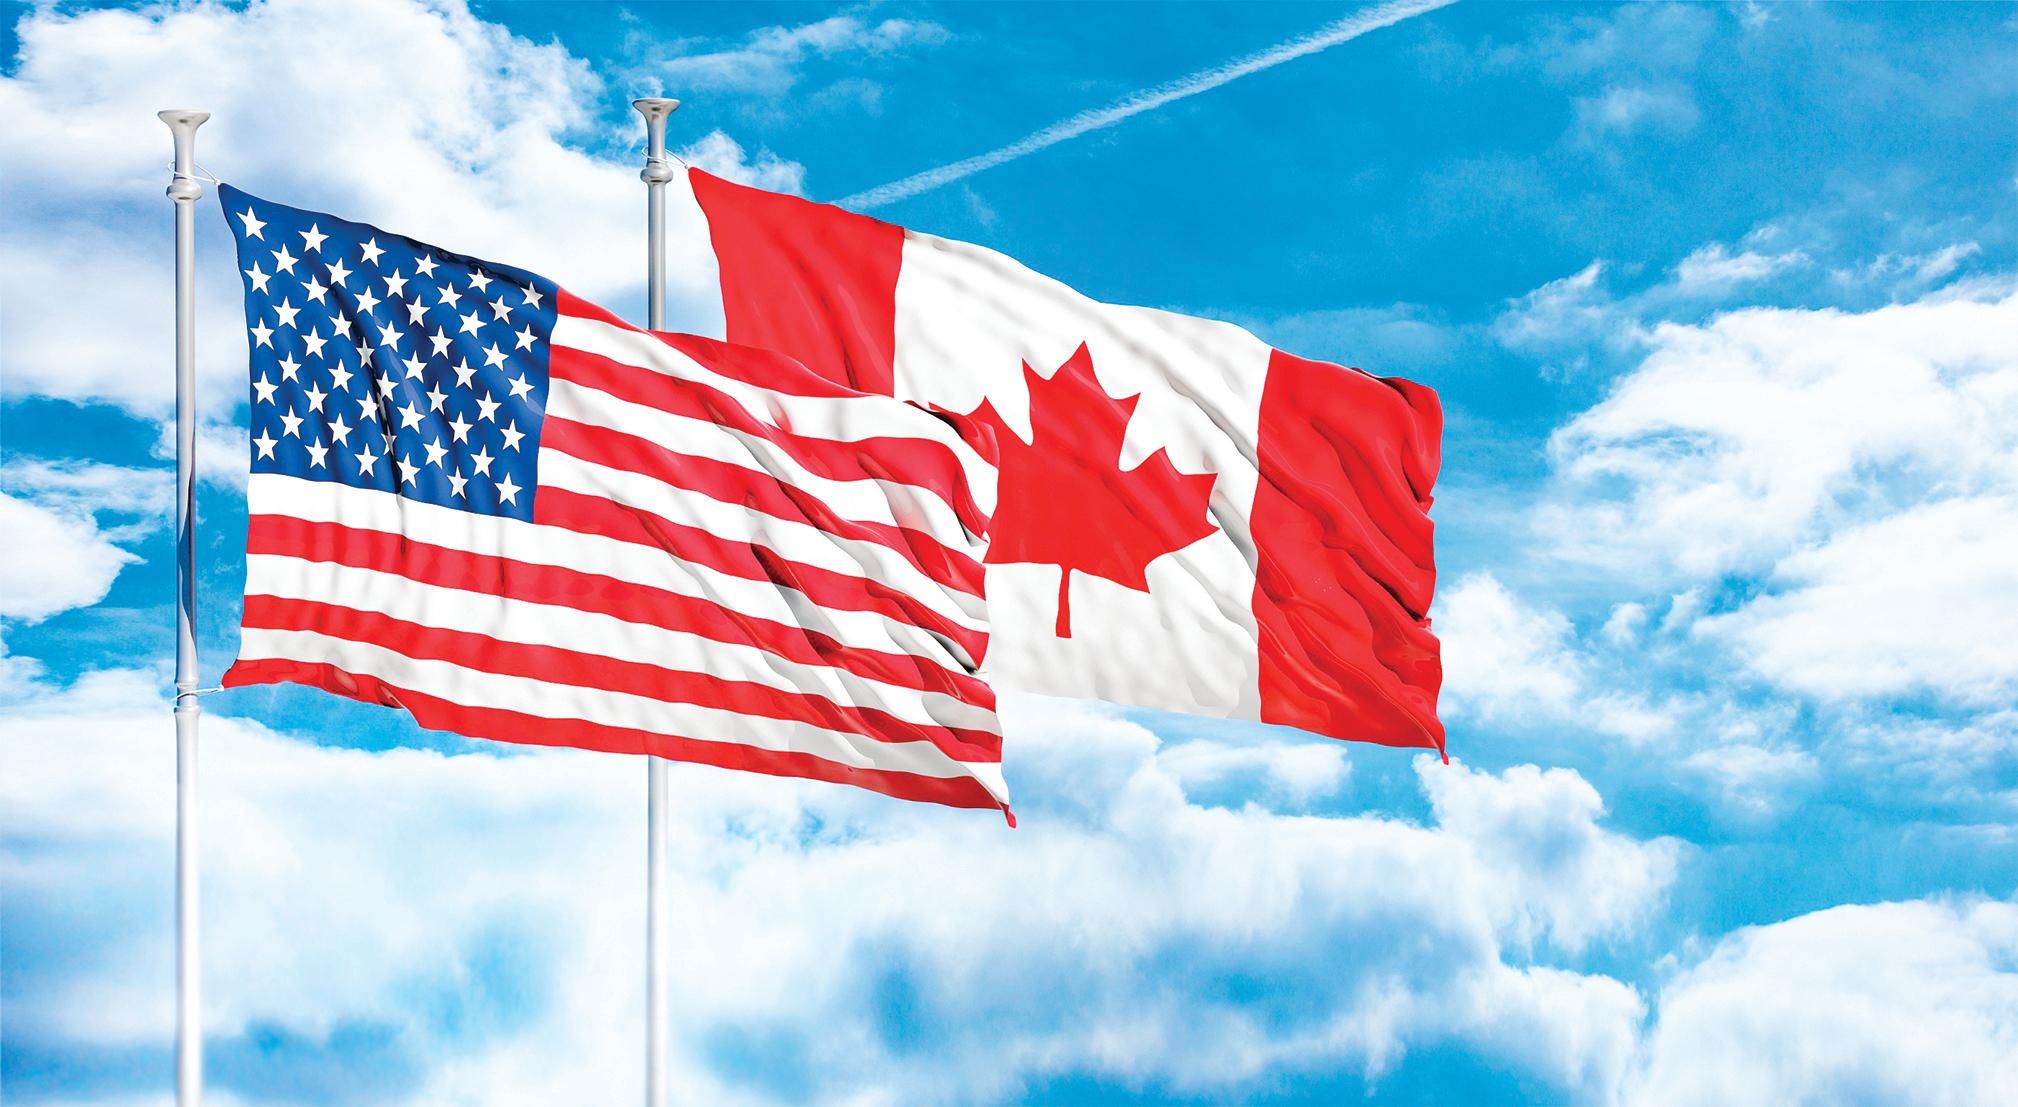 移民:加拿大還是美國? 大紀元時報香港 獨立敢言的良心媒體